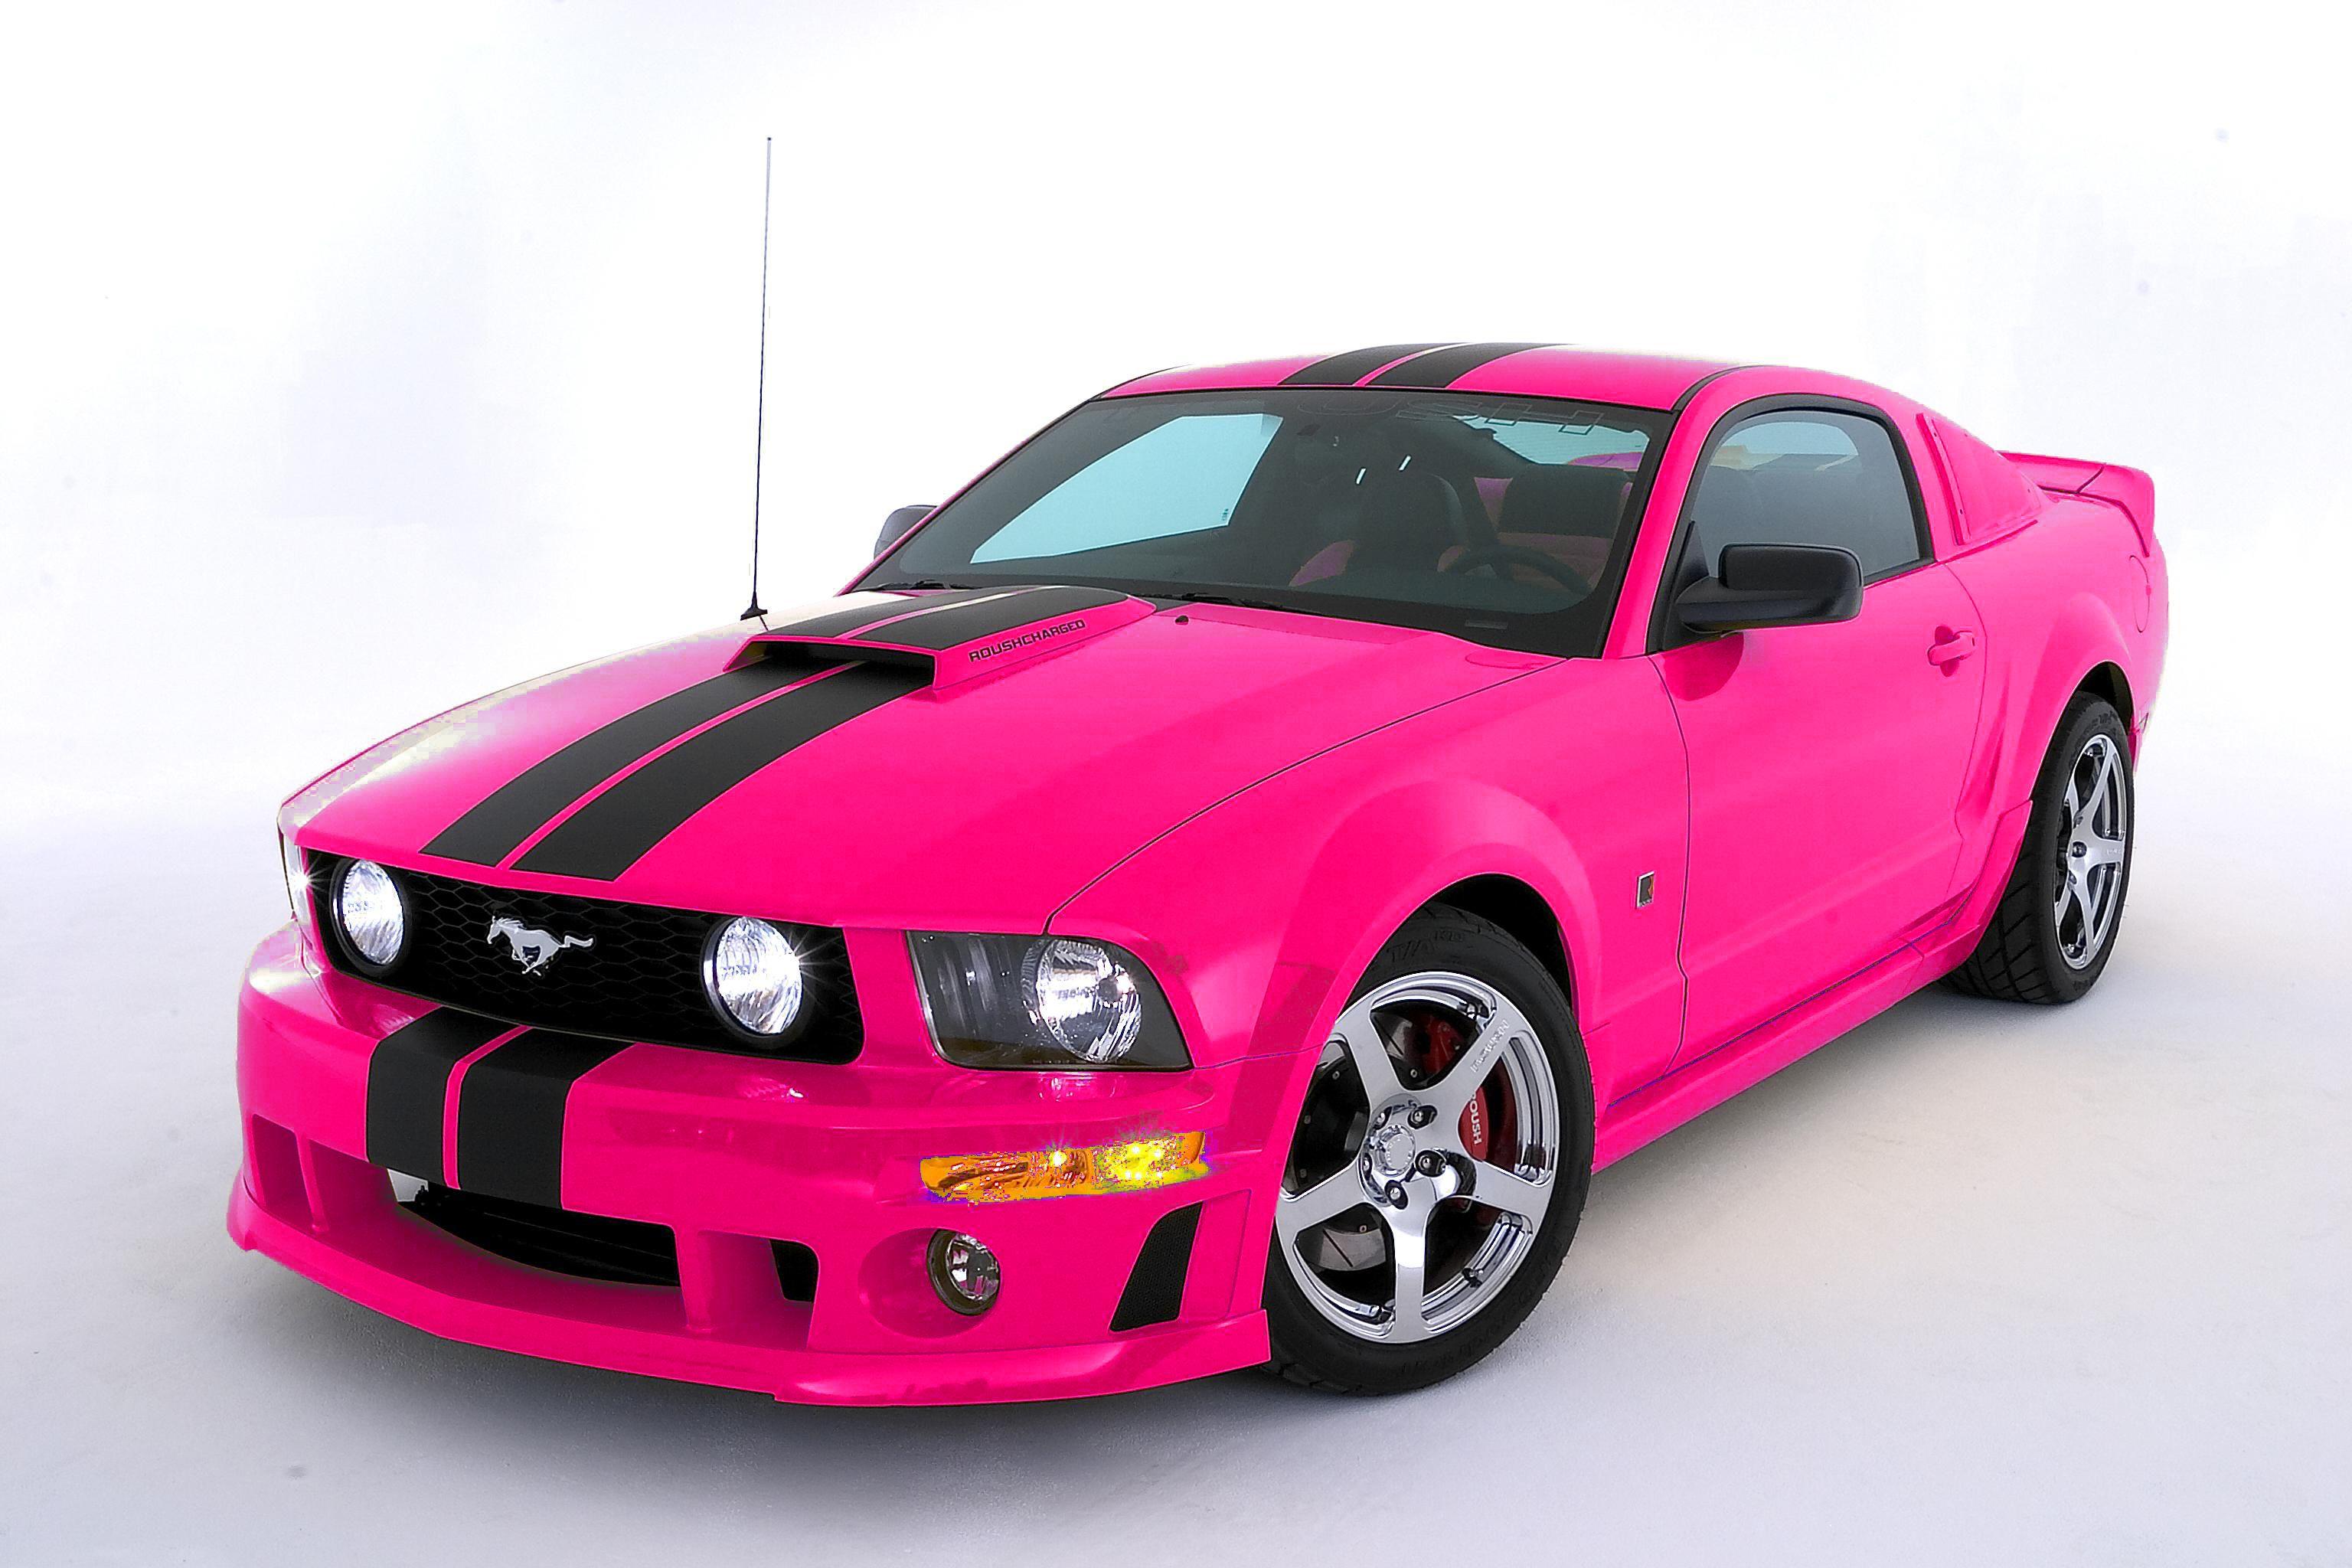 Pink mustang uhhhhhhhh yeah